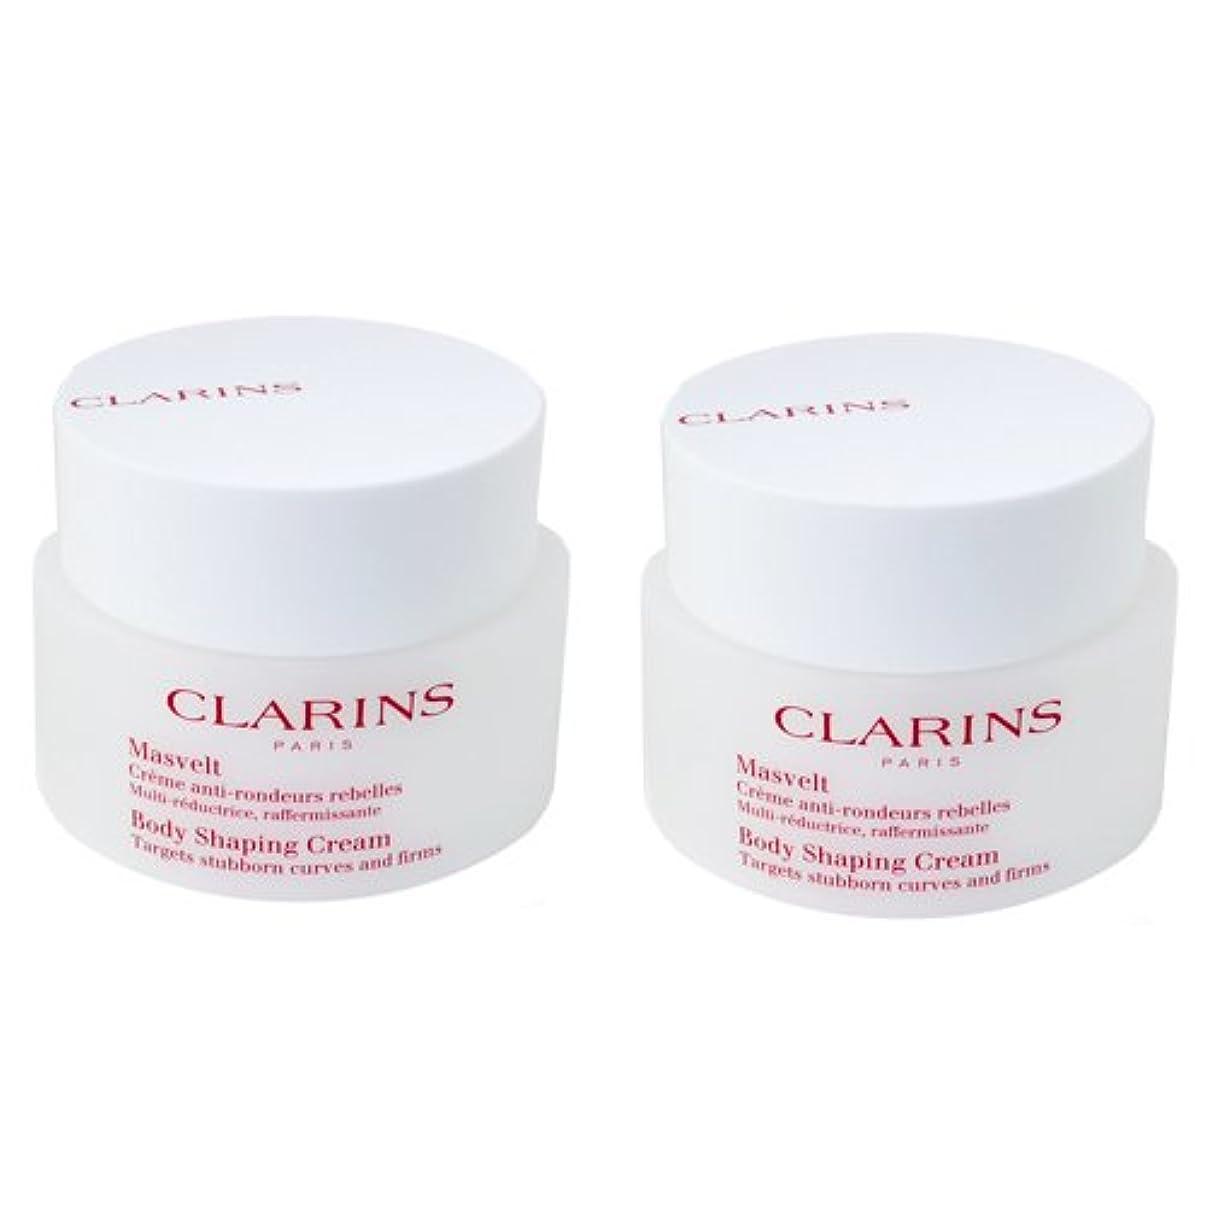 パッケージ広告主サイトラインクラランス CLARINS クレーム マスヴェルト 200mL 【2個セット】 【並行輸入品】